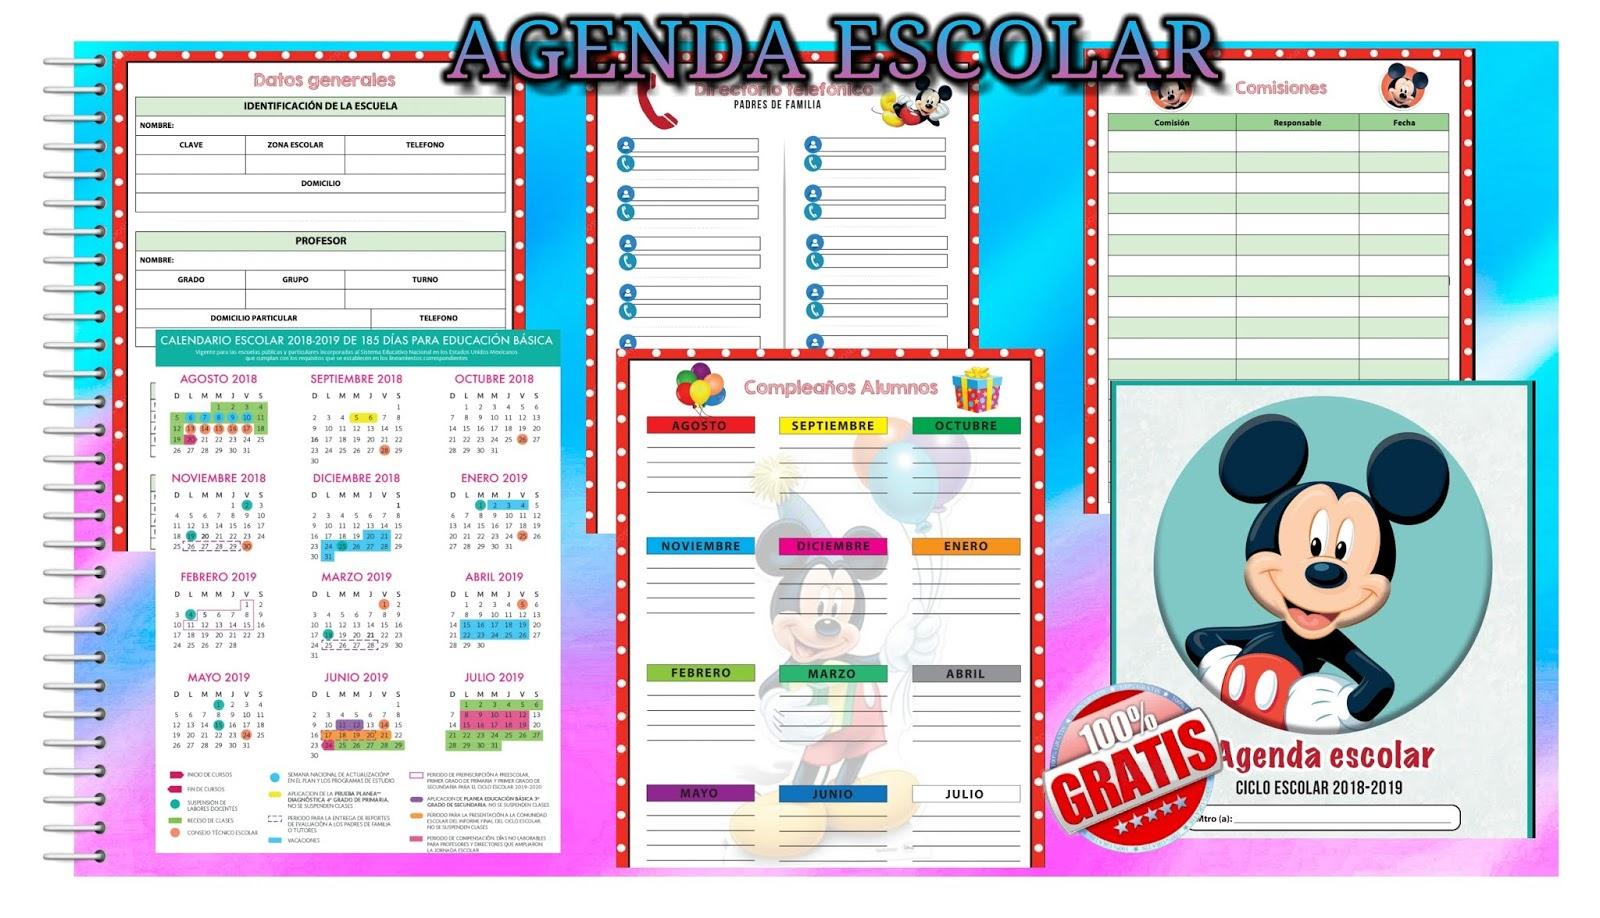 agenda escolar dise u00f1o mickey mouse 2018-2019